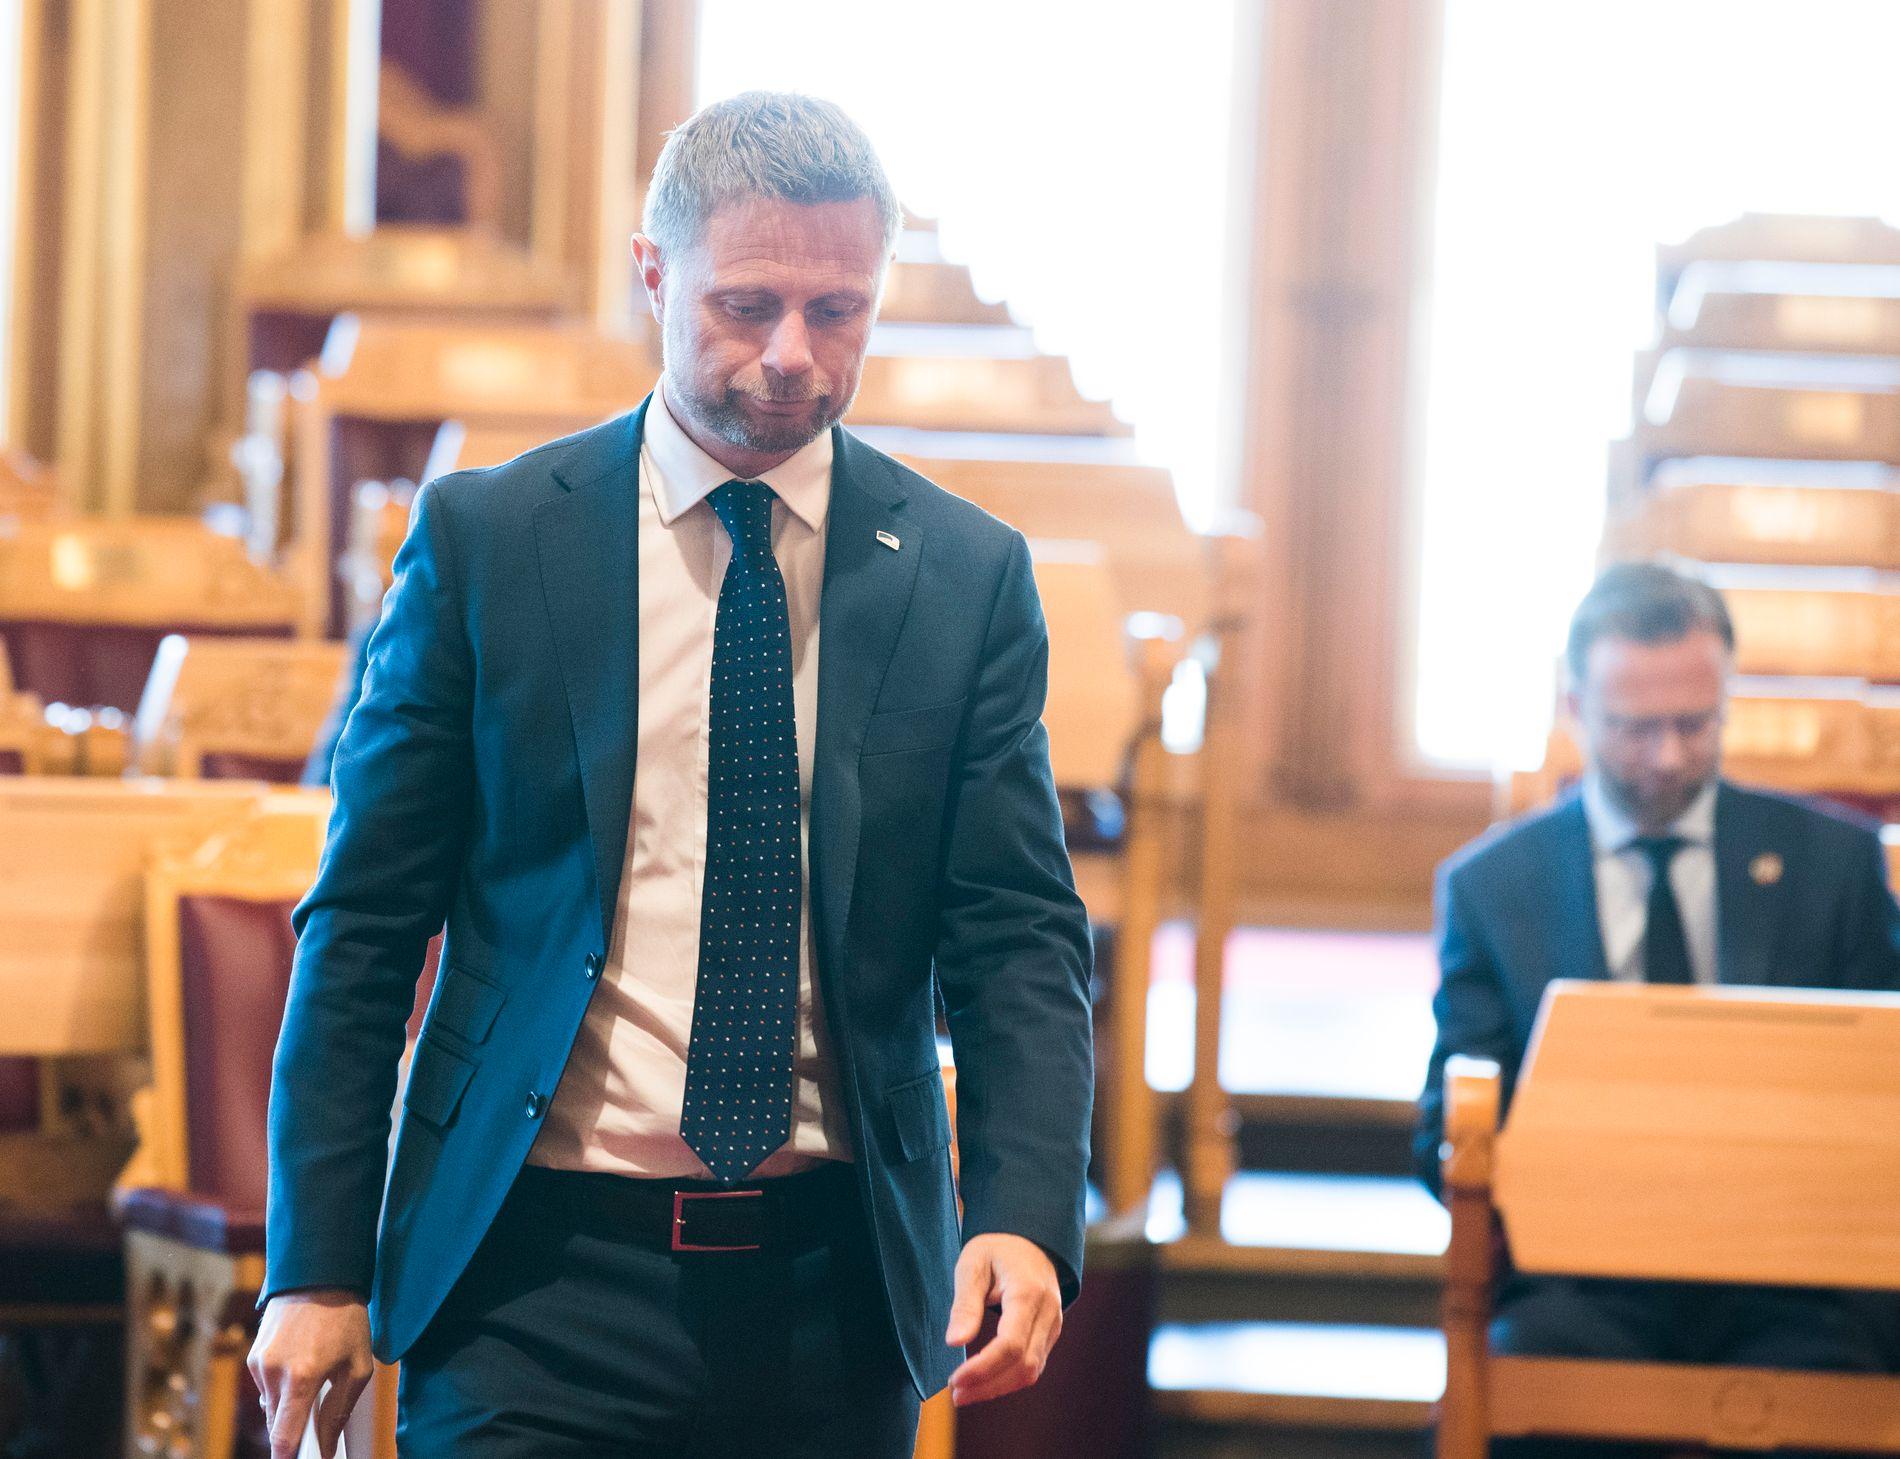 VIL RETTE KRITIKK: SV leverer onsdag inn forslag om at Stortinget skal vedta sterk kritikk mot Bent Høie. Forslaget vil bli behandlet i Stortinget torsdag.